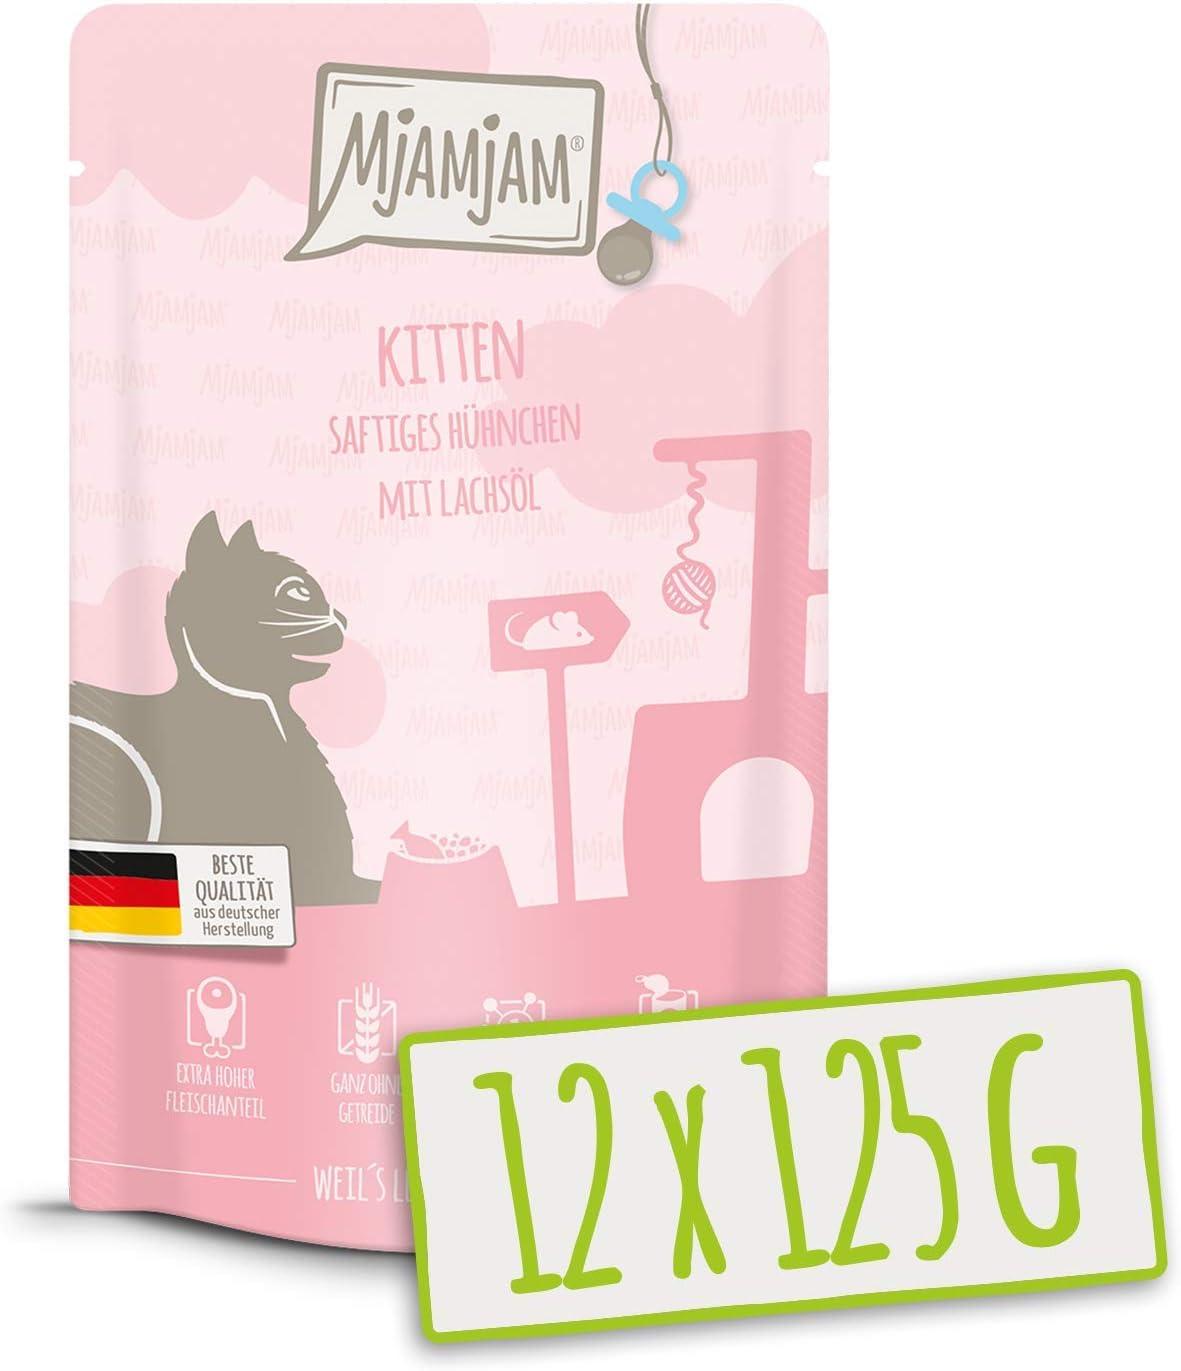 MjAMjAM - Pienso acuoso para Gatitos - Comida para Gatitos de Pollo jugoso Refinado con Aceite de salmón - Sin Cereales - Pouch 12 x 125 g